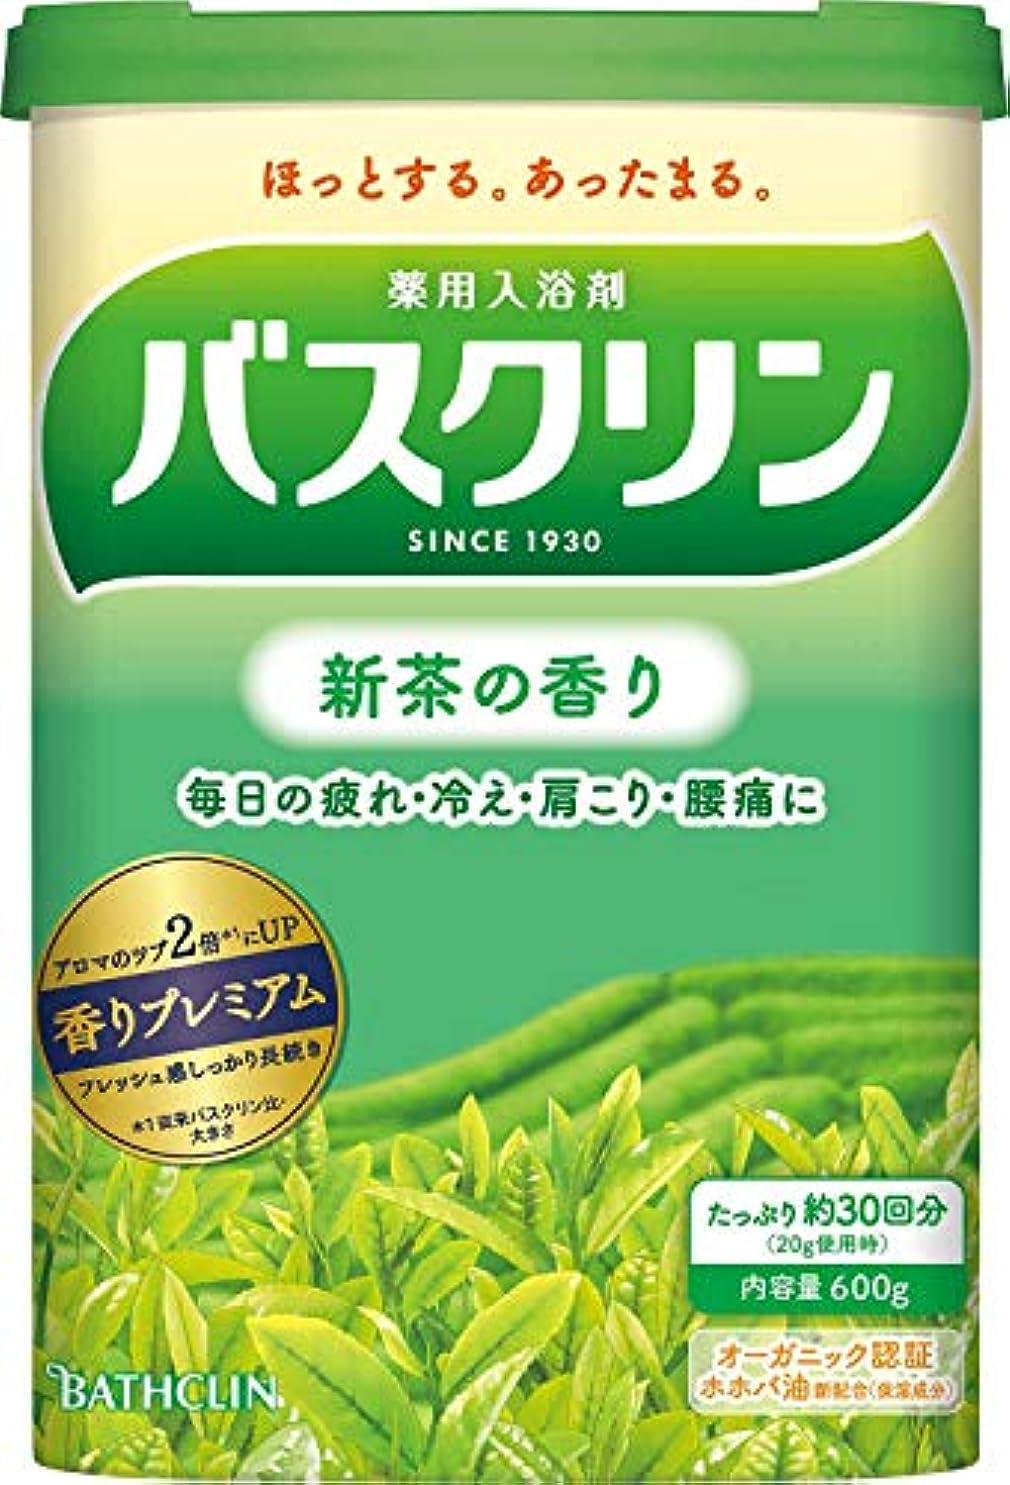 保証する炭素時折【医薬部外品】バスクリン入浴剤 新茶の香り600g(約30回分) 疲労回復